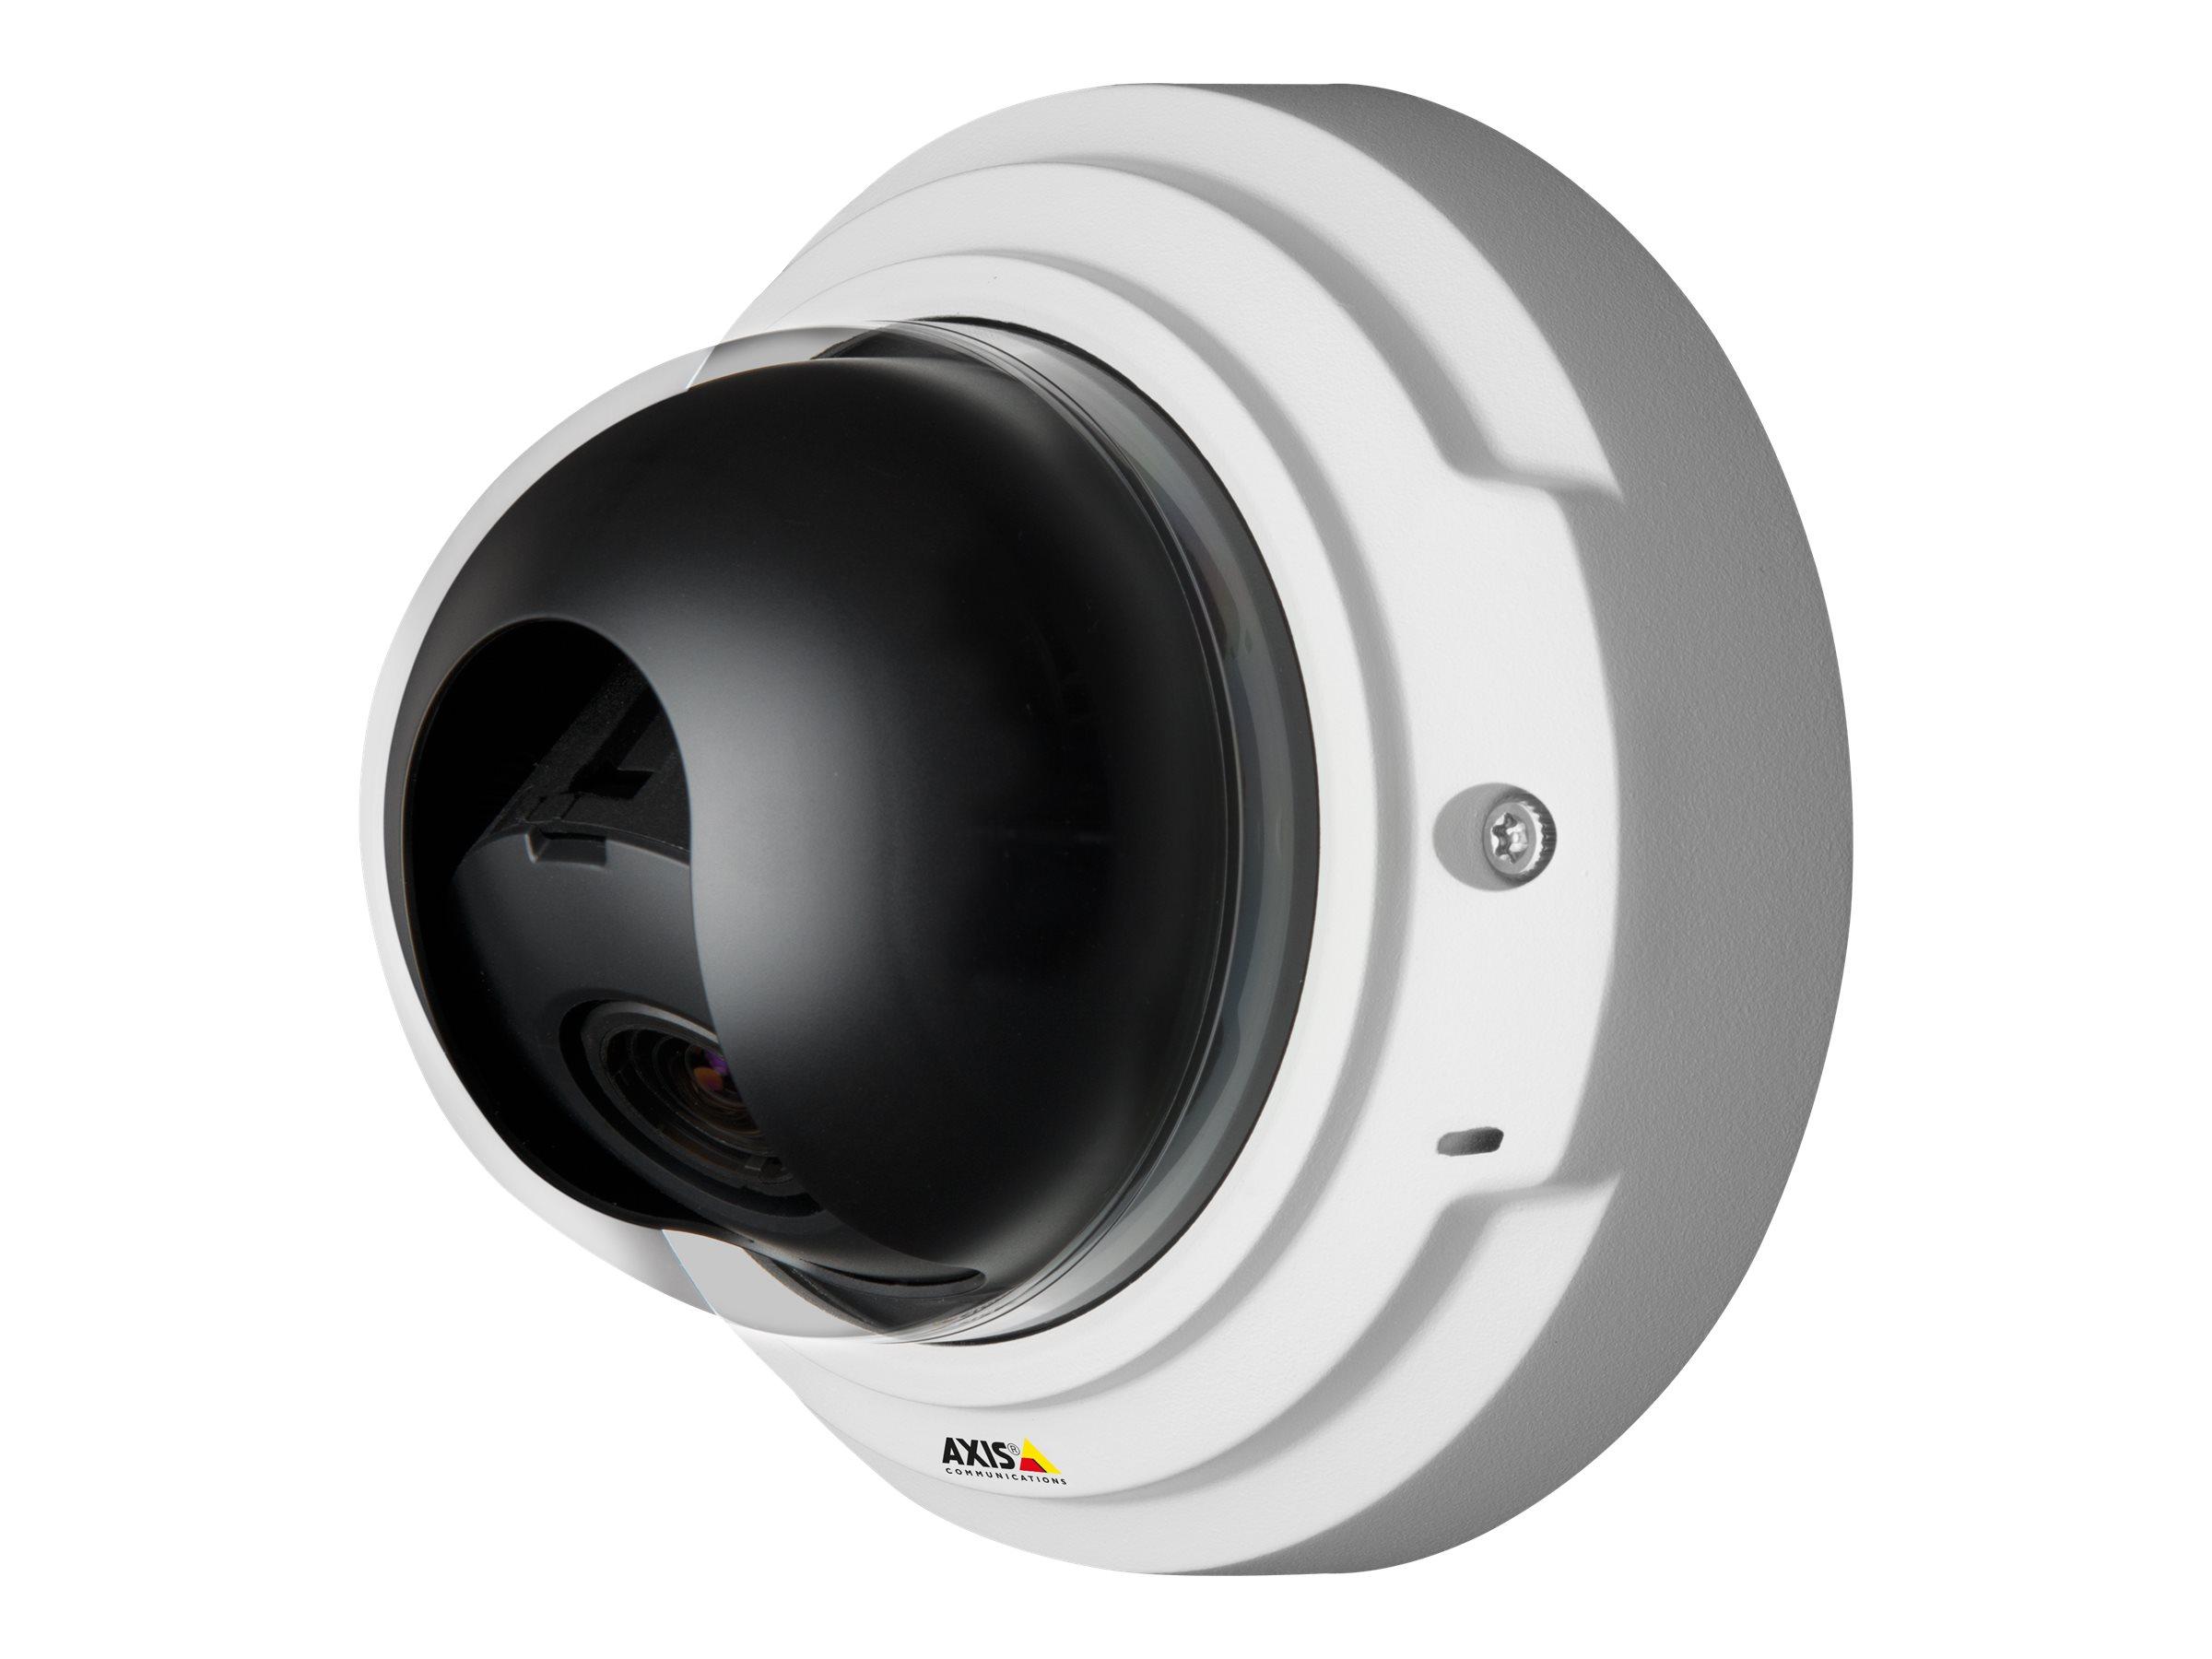 AXIS P3367-V Network Camera - Netzwerk-Überwachungskamera - Kuppel - vandalismusgeschützt - Farbe (Tag&Nacht) - 5 MP